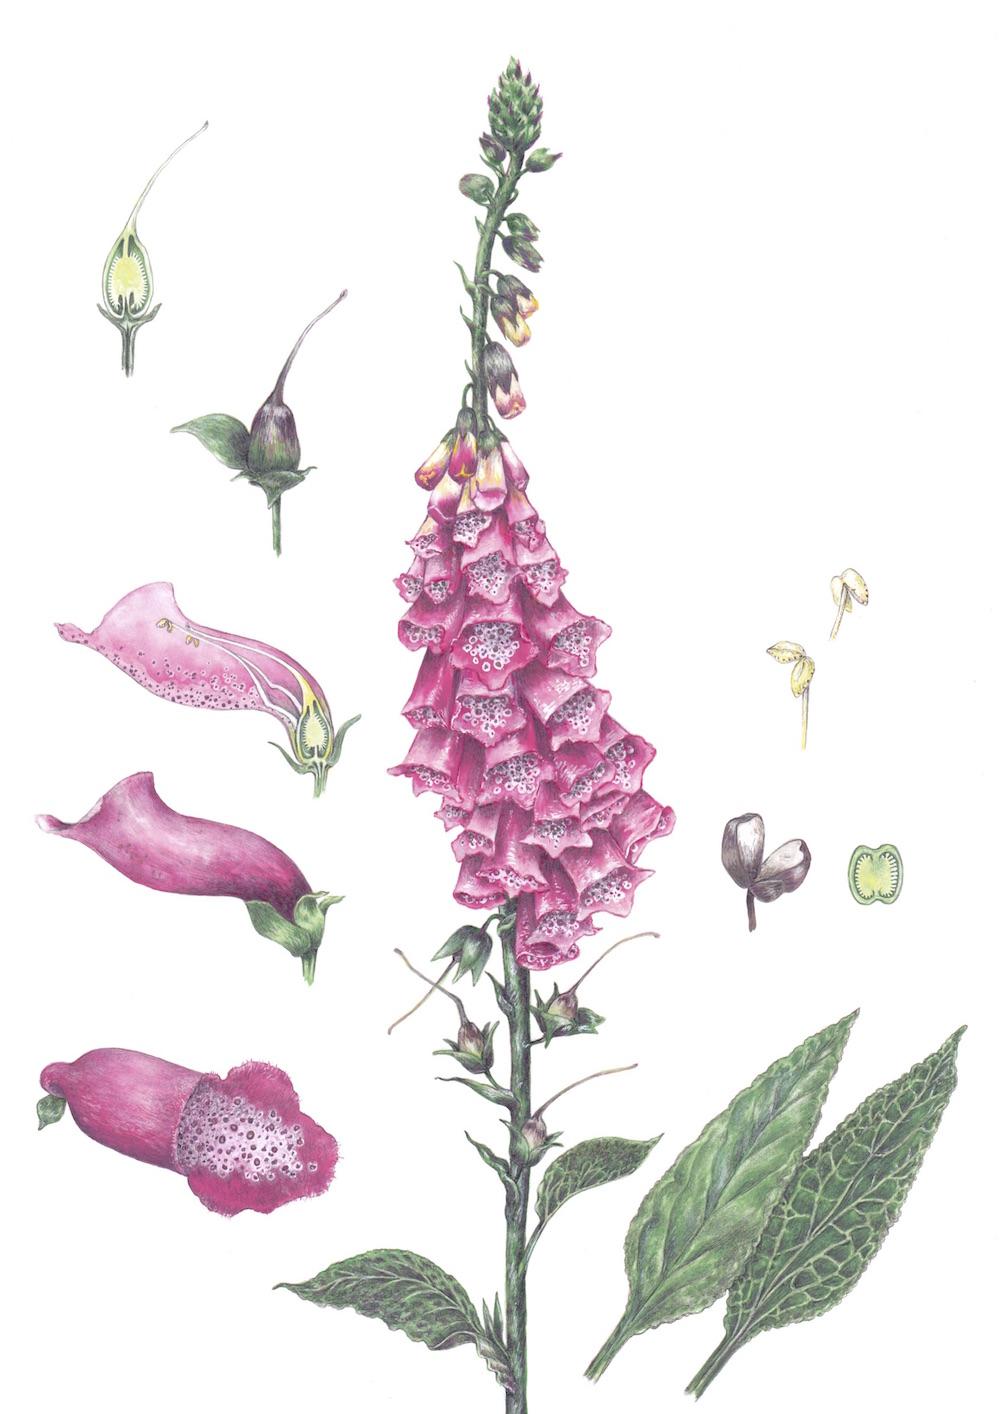 Dedaleira (Digitais purpurea). Ilustração: Elisabete Ferreira